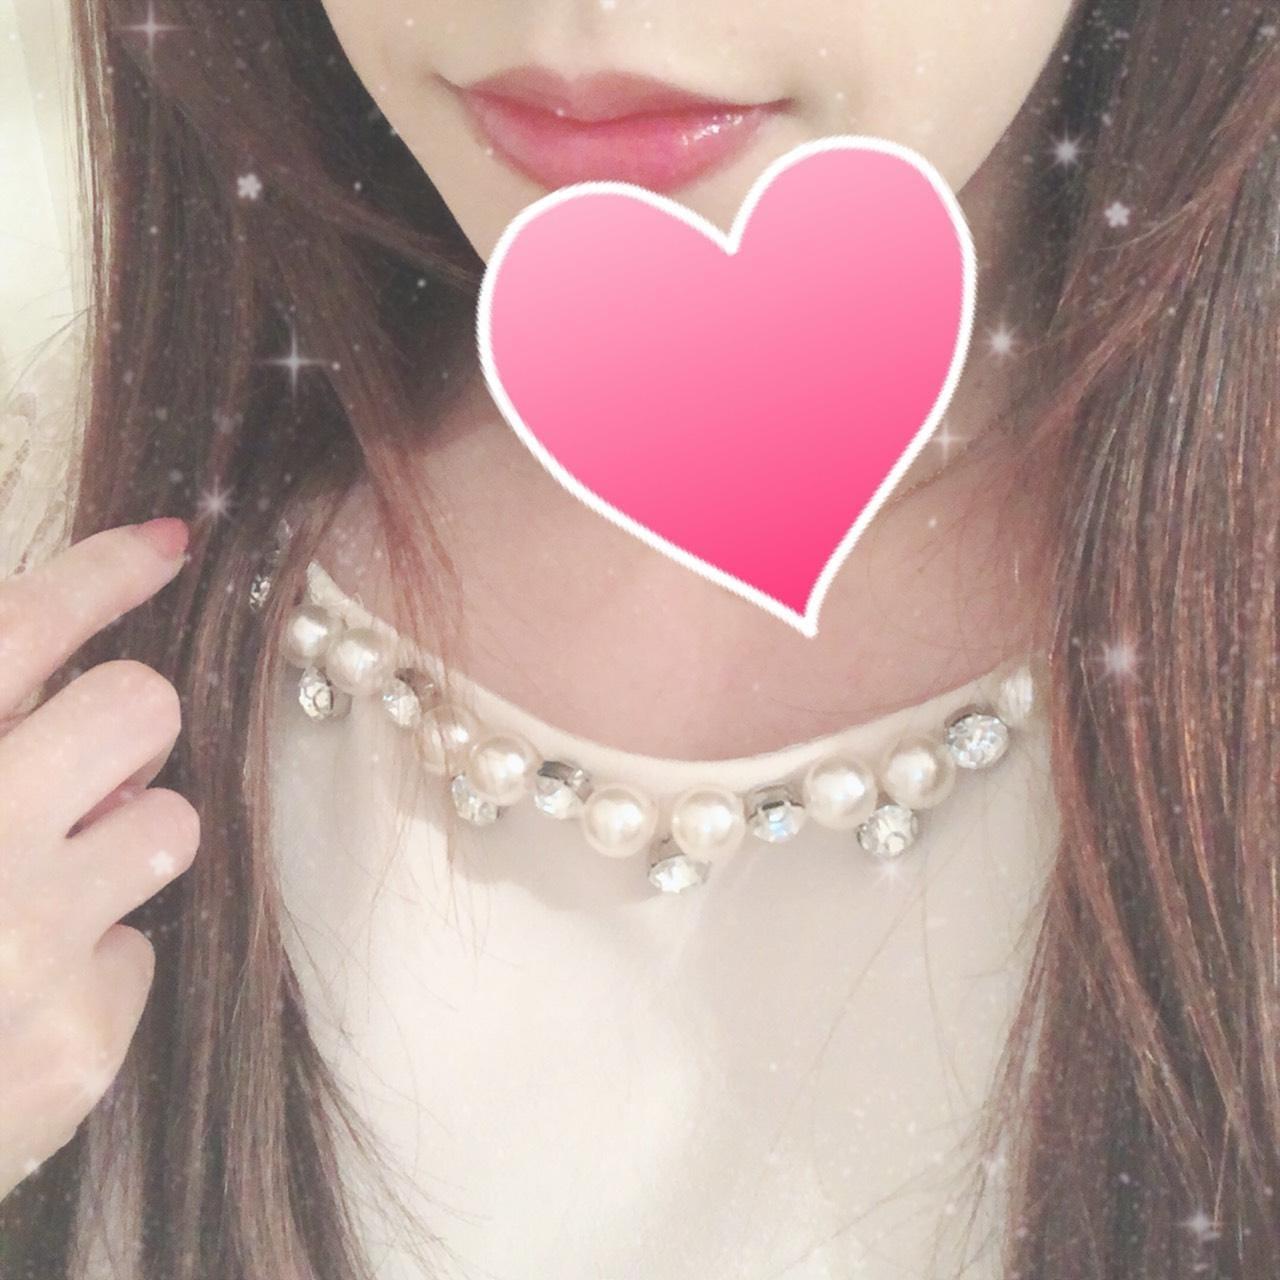 「お礼」08/16(08/16) 00:48 | エリカの写メ・風俗動画